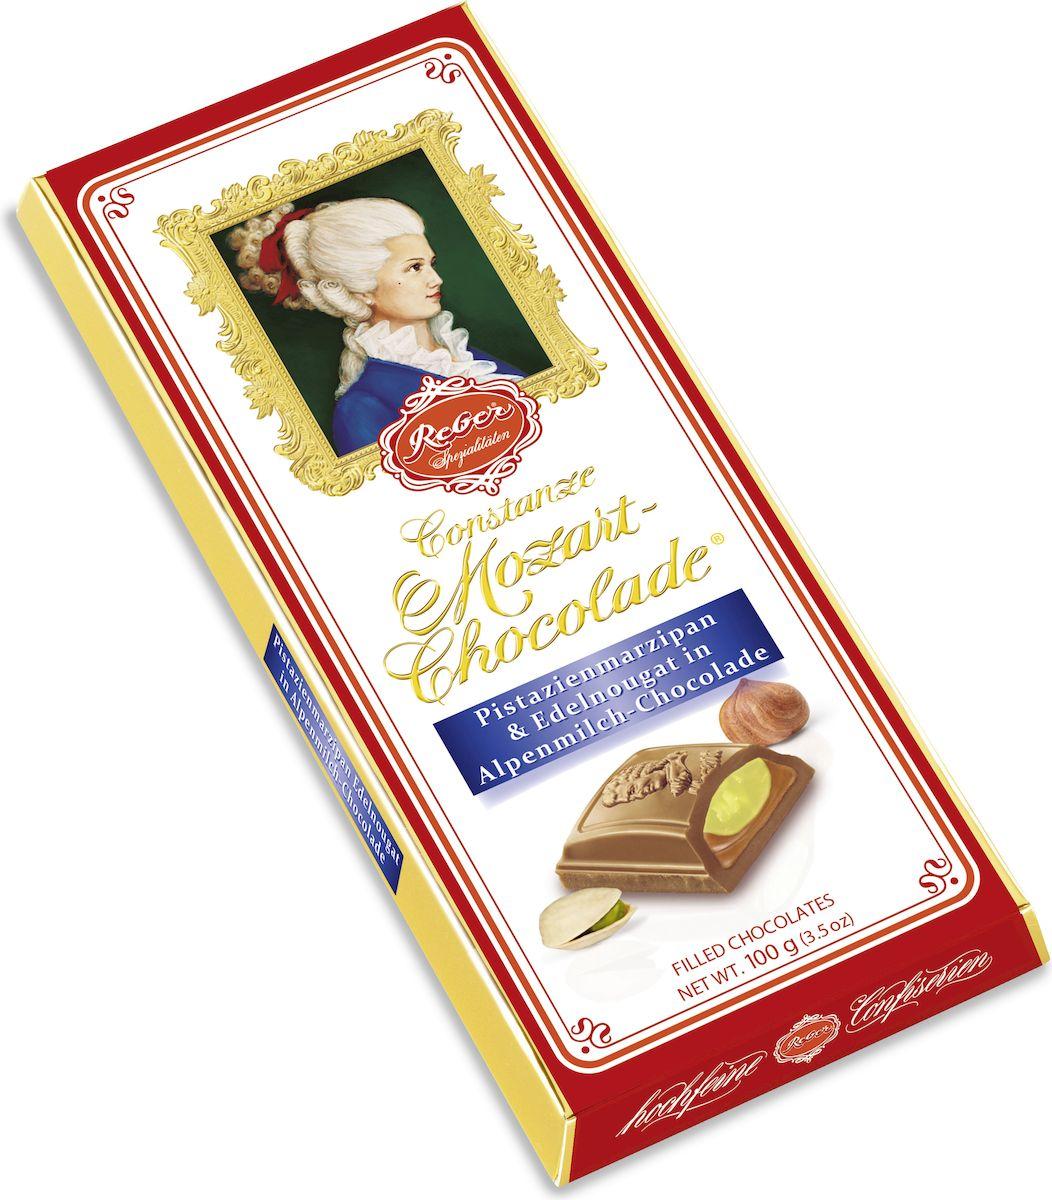 Reber AlpenVollmilch молочный шоколад с ореховым пралине и фисташковым марципаном, 100 г reber nougat молочный шоколад с ореховым и сливочным пралине 100 г